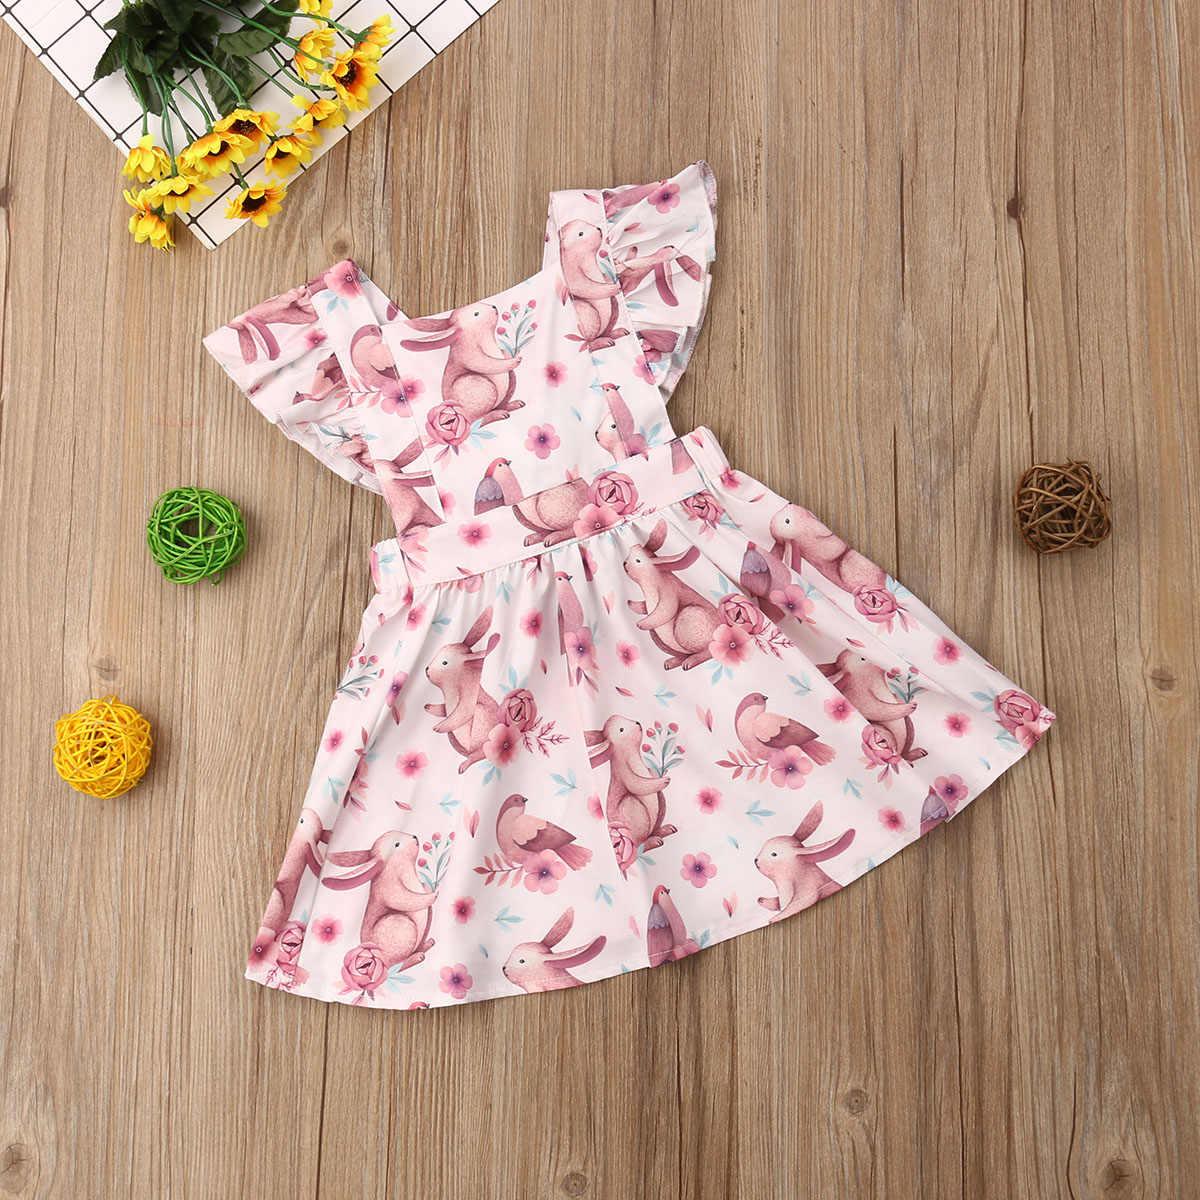 3629047f2c1b2 Easter Bunny Baby Girl Dress Toddler Infant Kids Baby Girl Flower Rabbit  Tutu Dress Party Birthday Dresses For Girls 2019